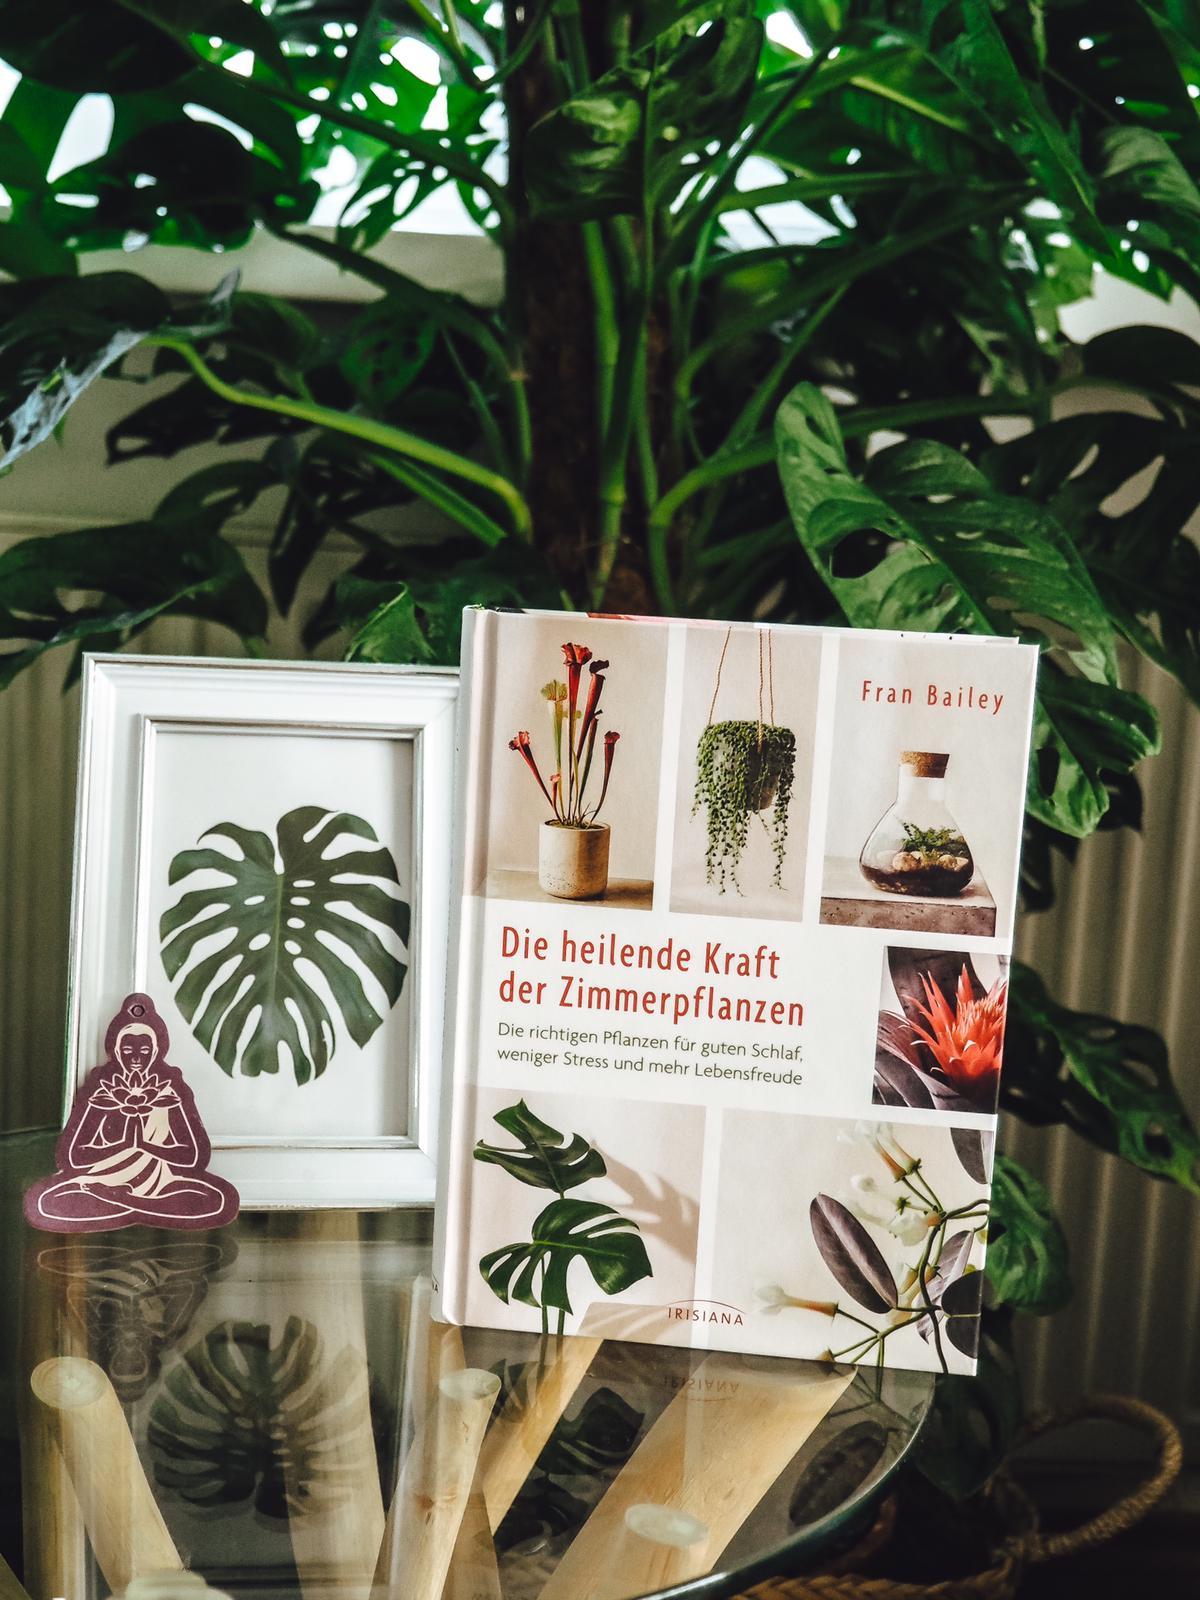 Buchtipps für Pflanzenfreunde - Die heilende Kraft der Zimmerpflanzen